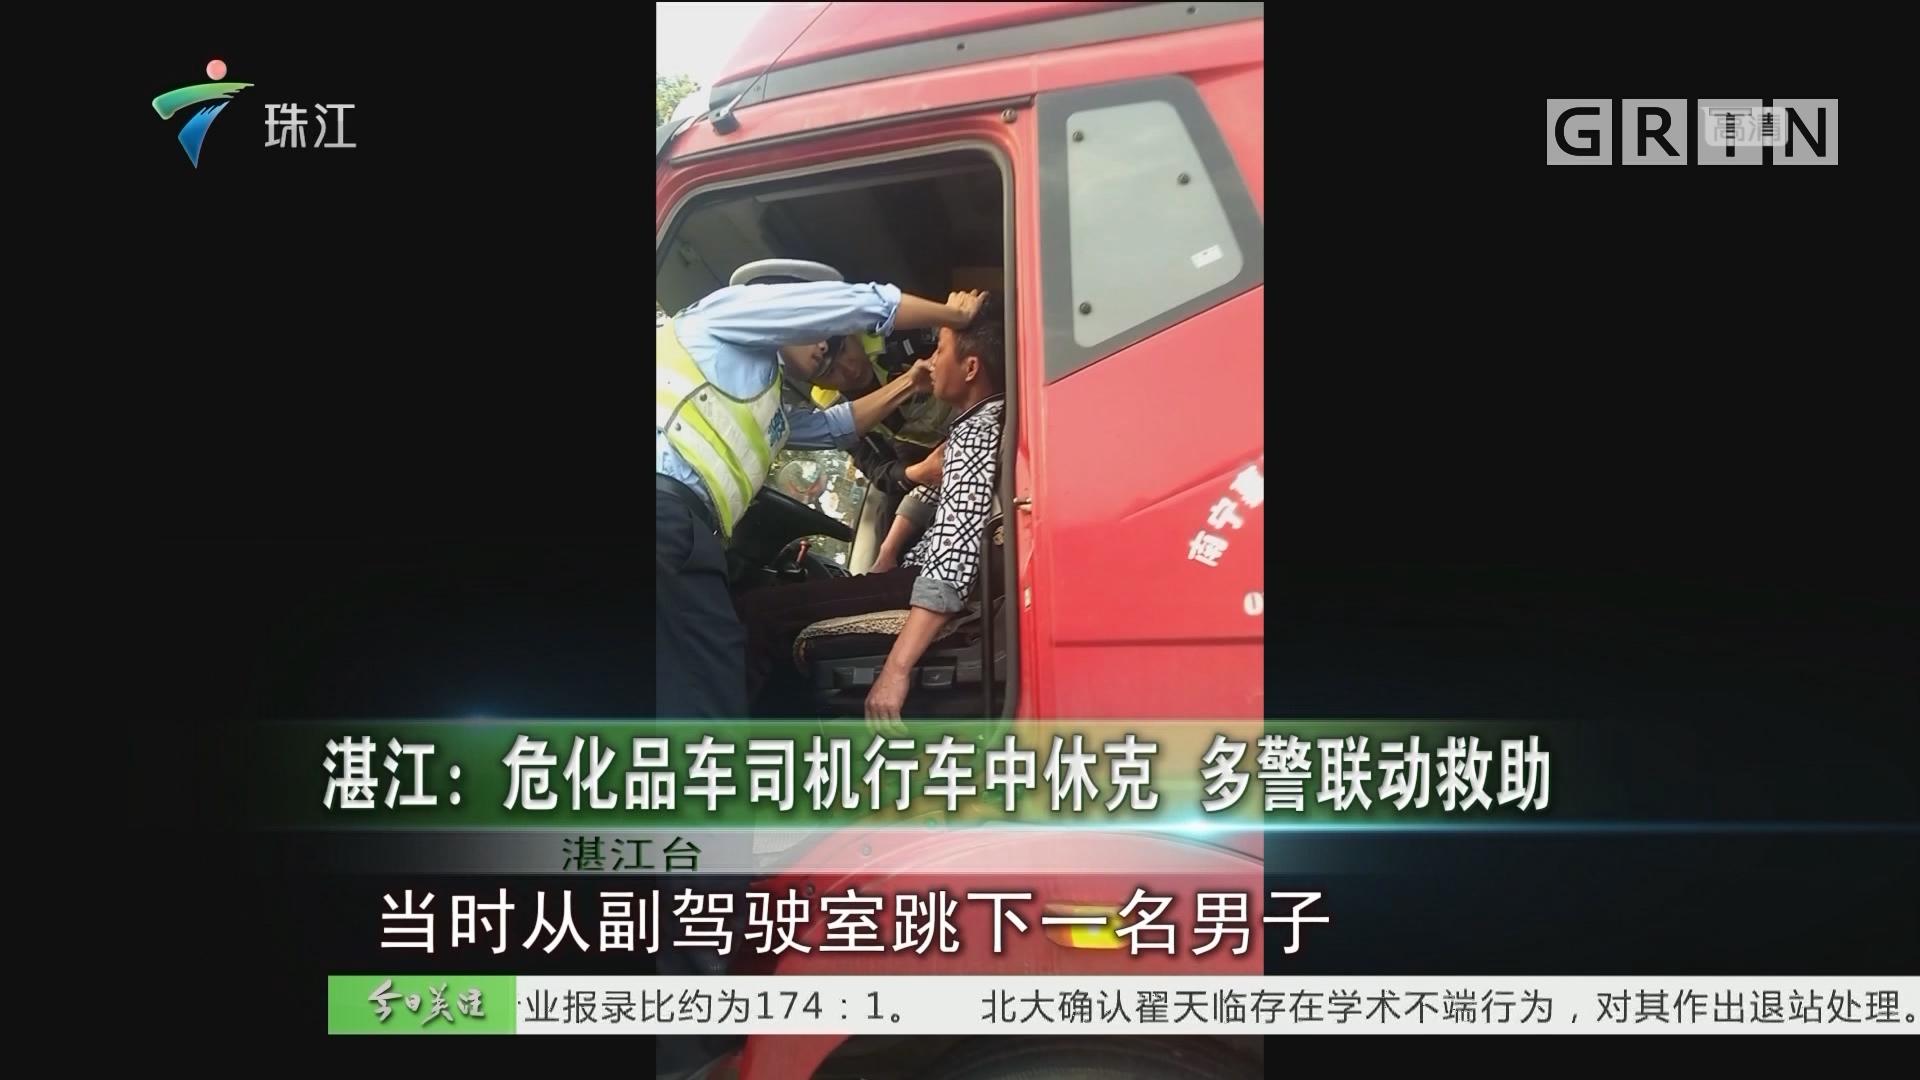 湛江:危化品车司机行车中休克 多警联动救助